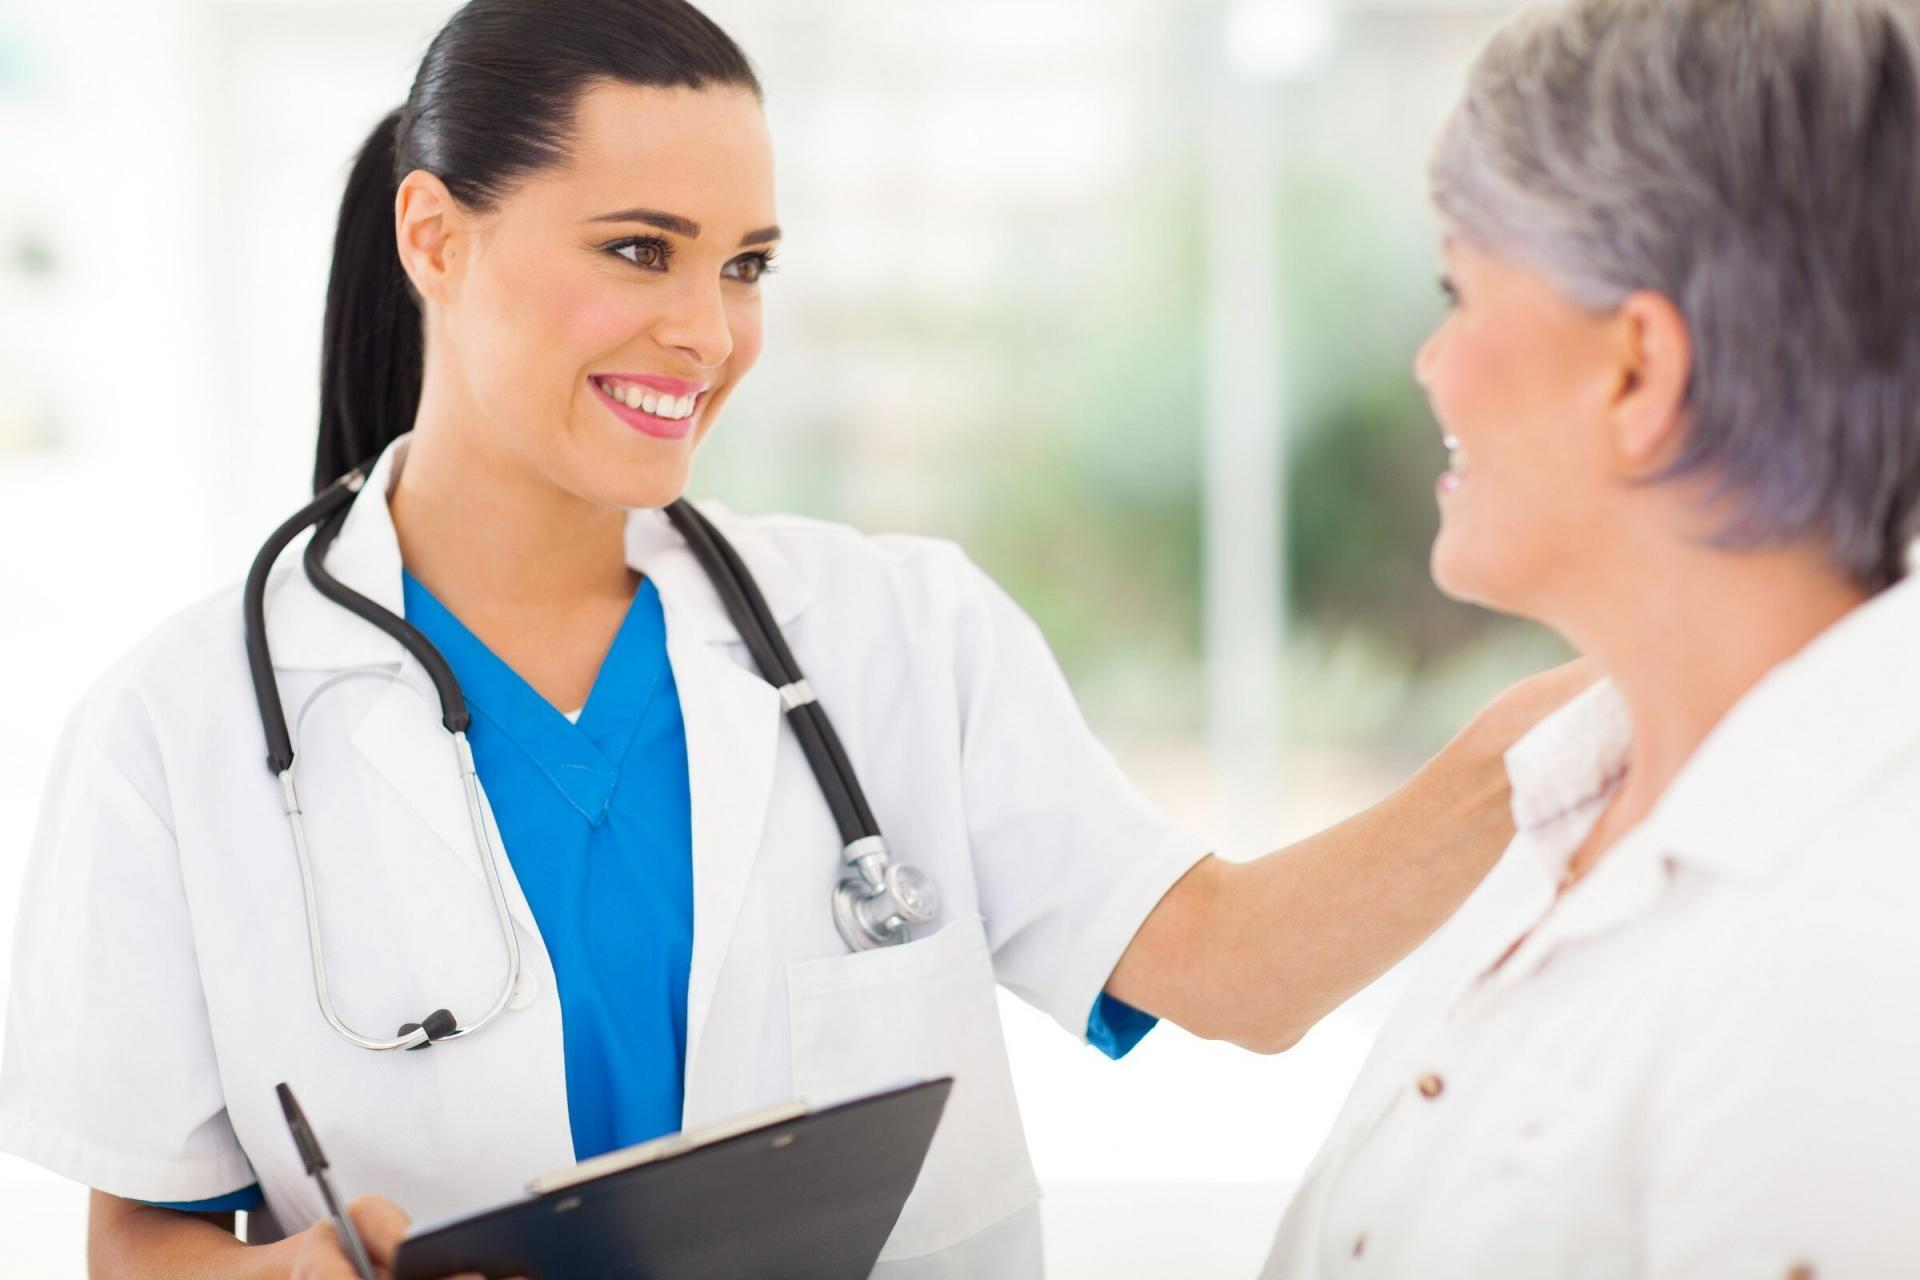 dijagnostika i specijalistički pregledi